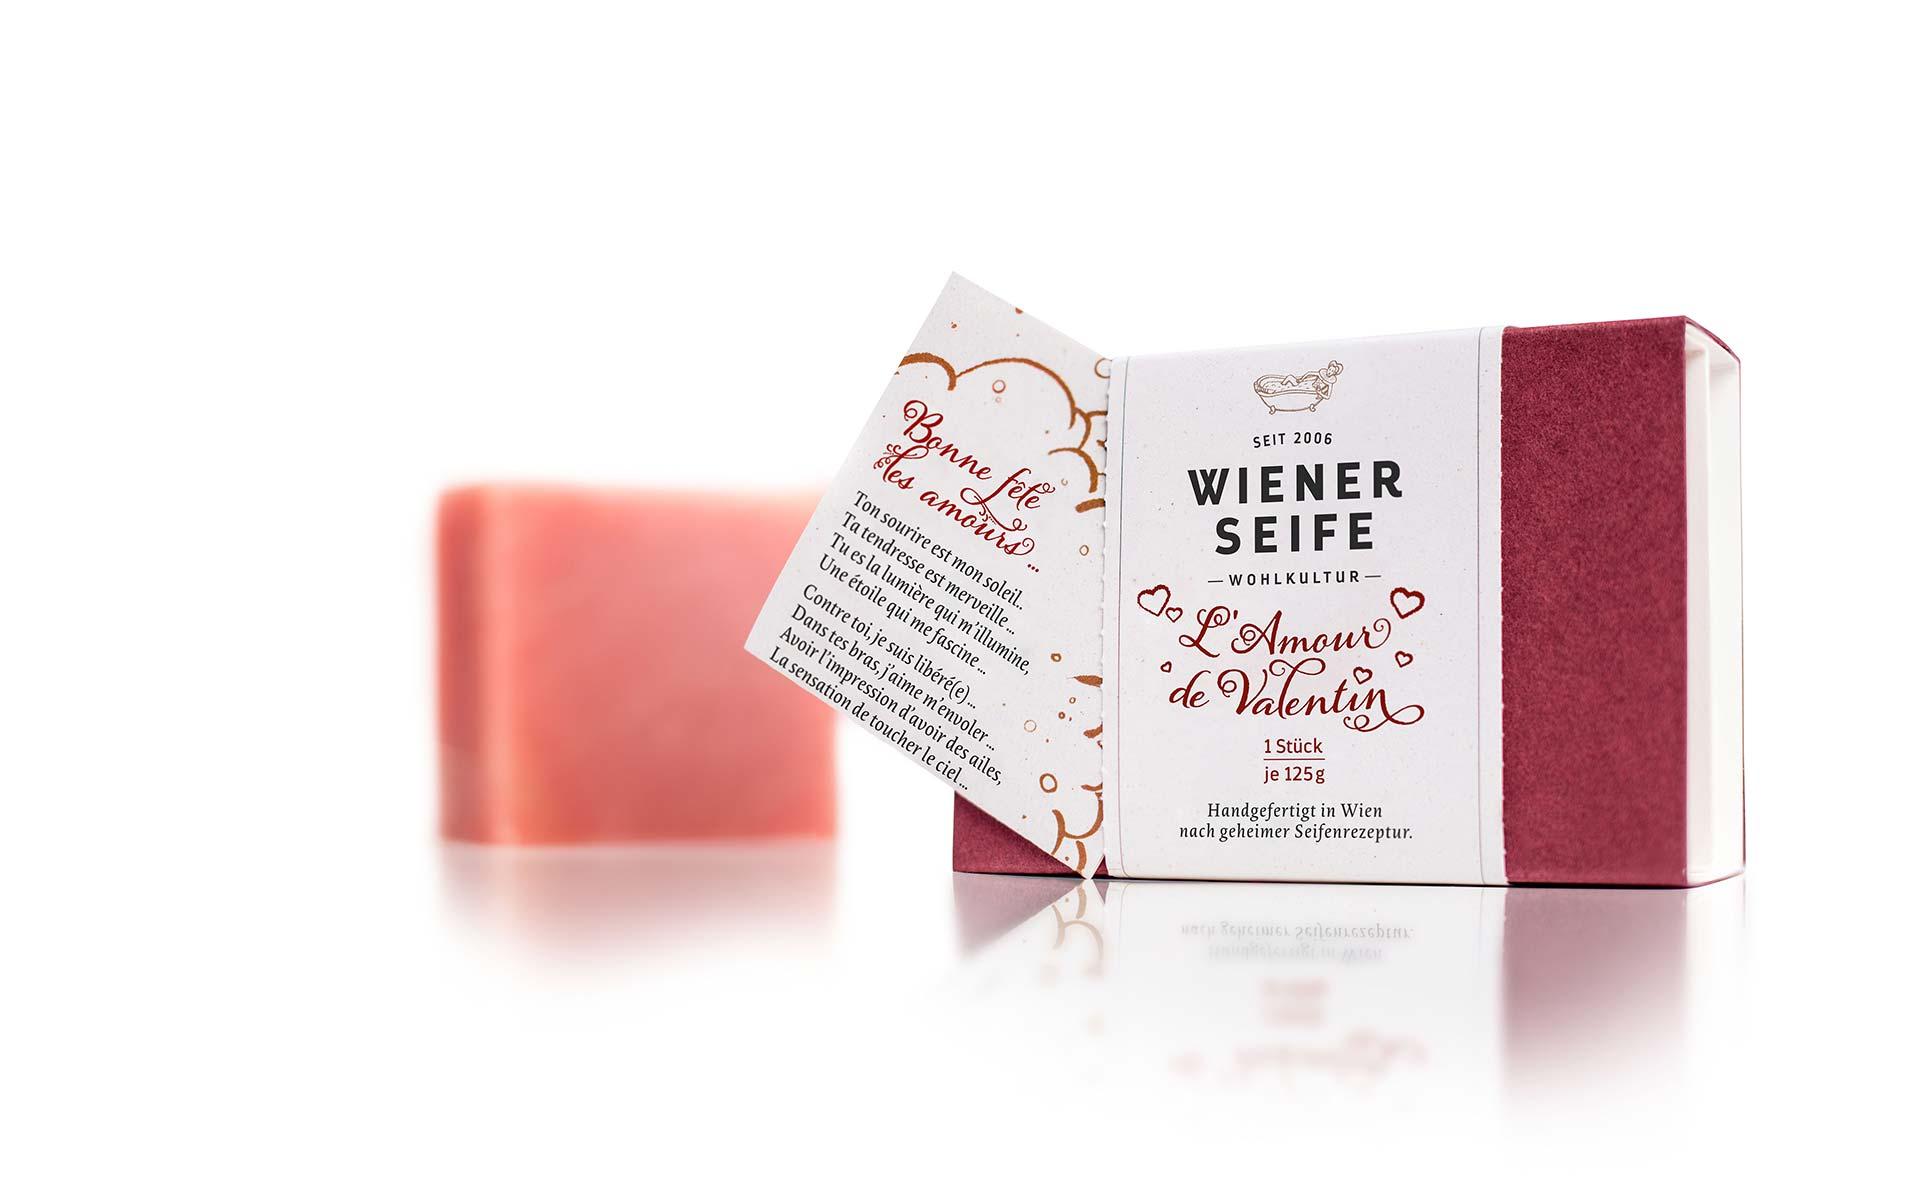 Geschenk zum Valentinstag, Wiener Seife